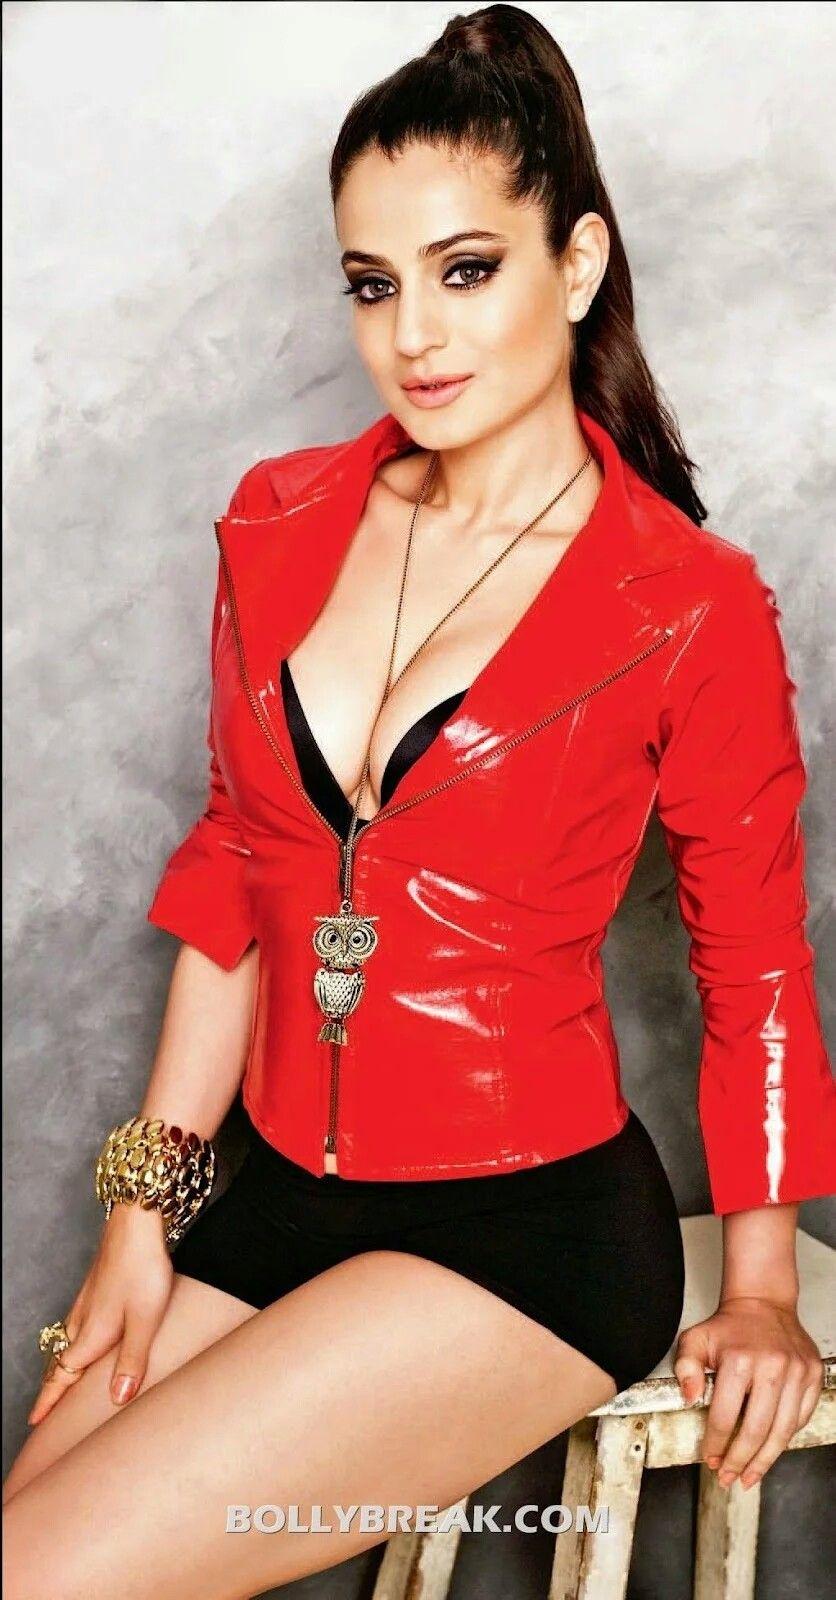 Amisha Patel Hot Boobs Pics 33 best amisha images | bollywood actress, bollywood, indian